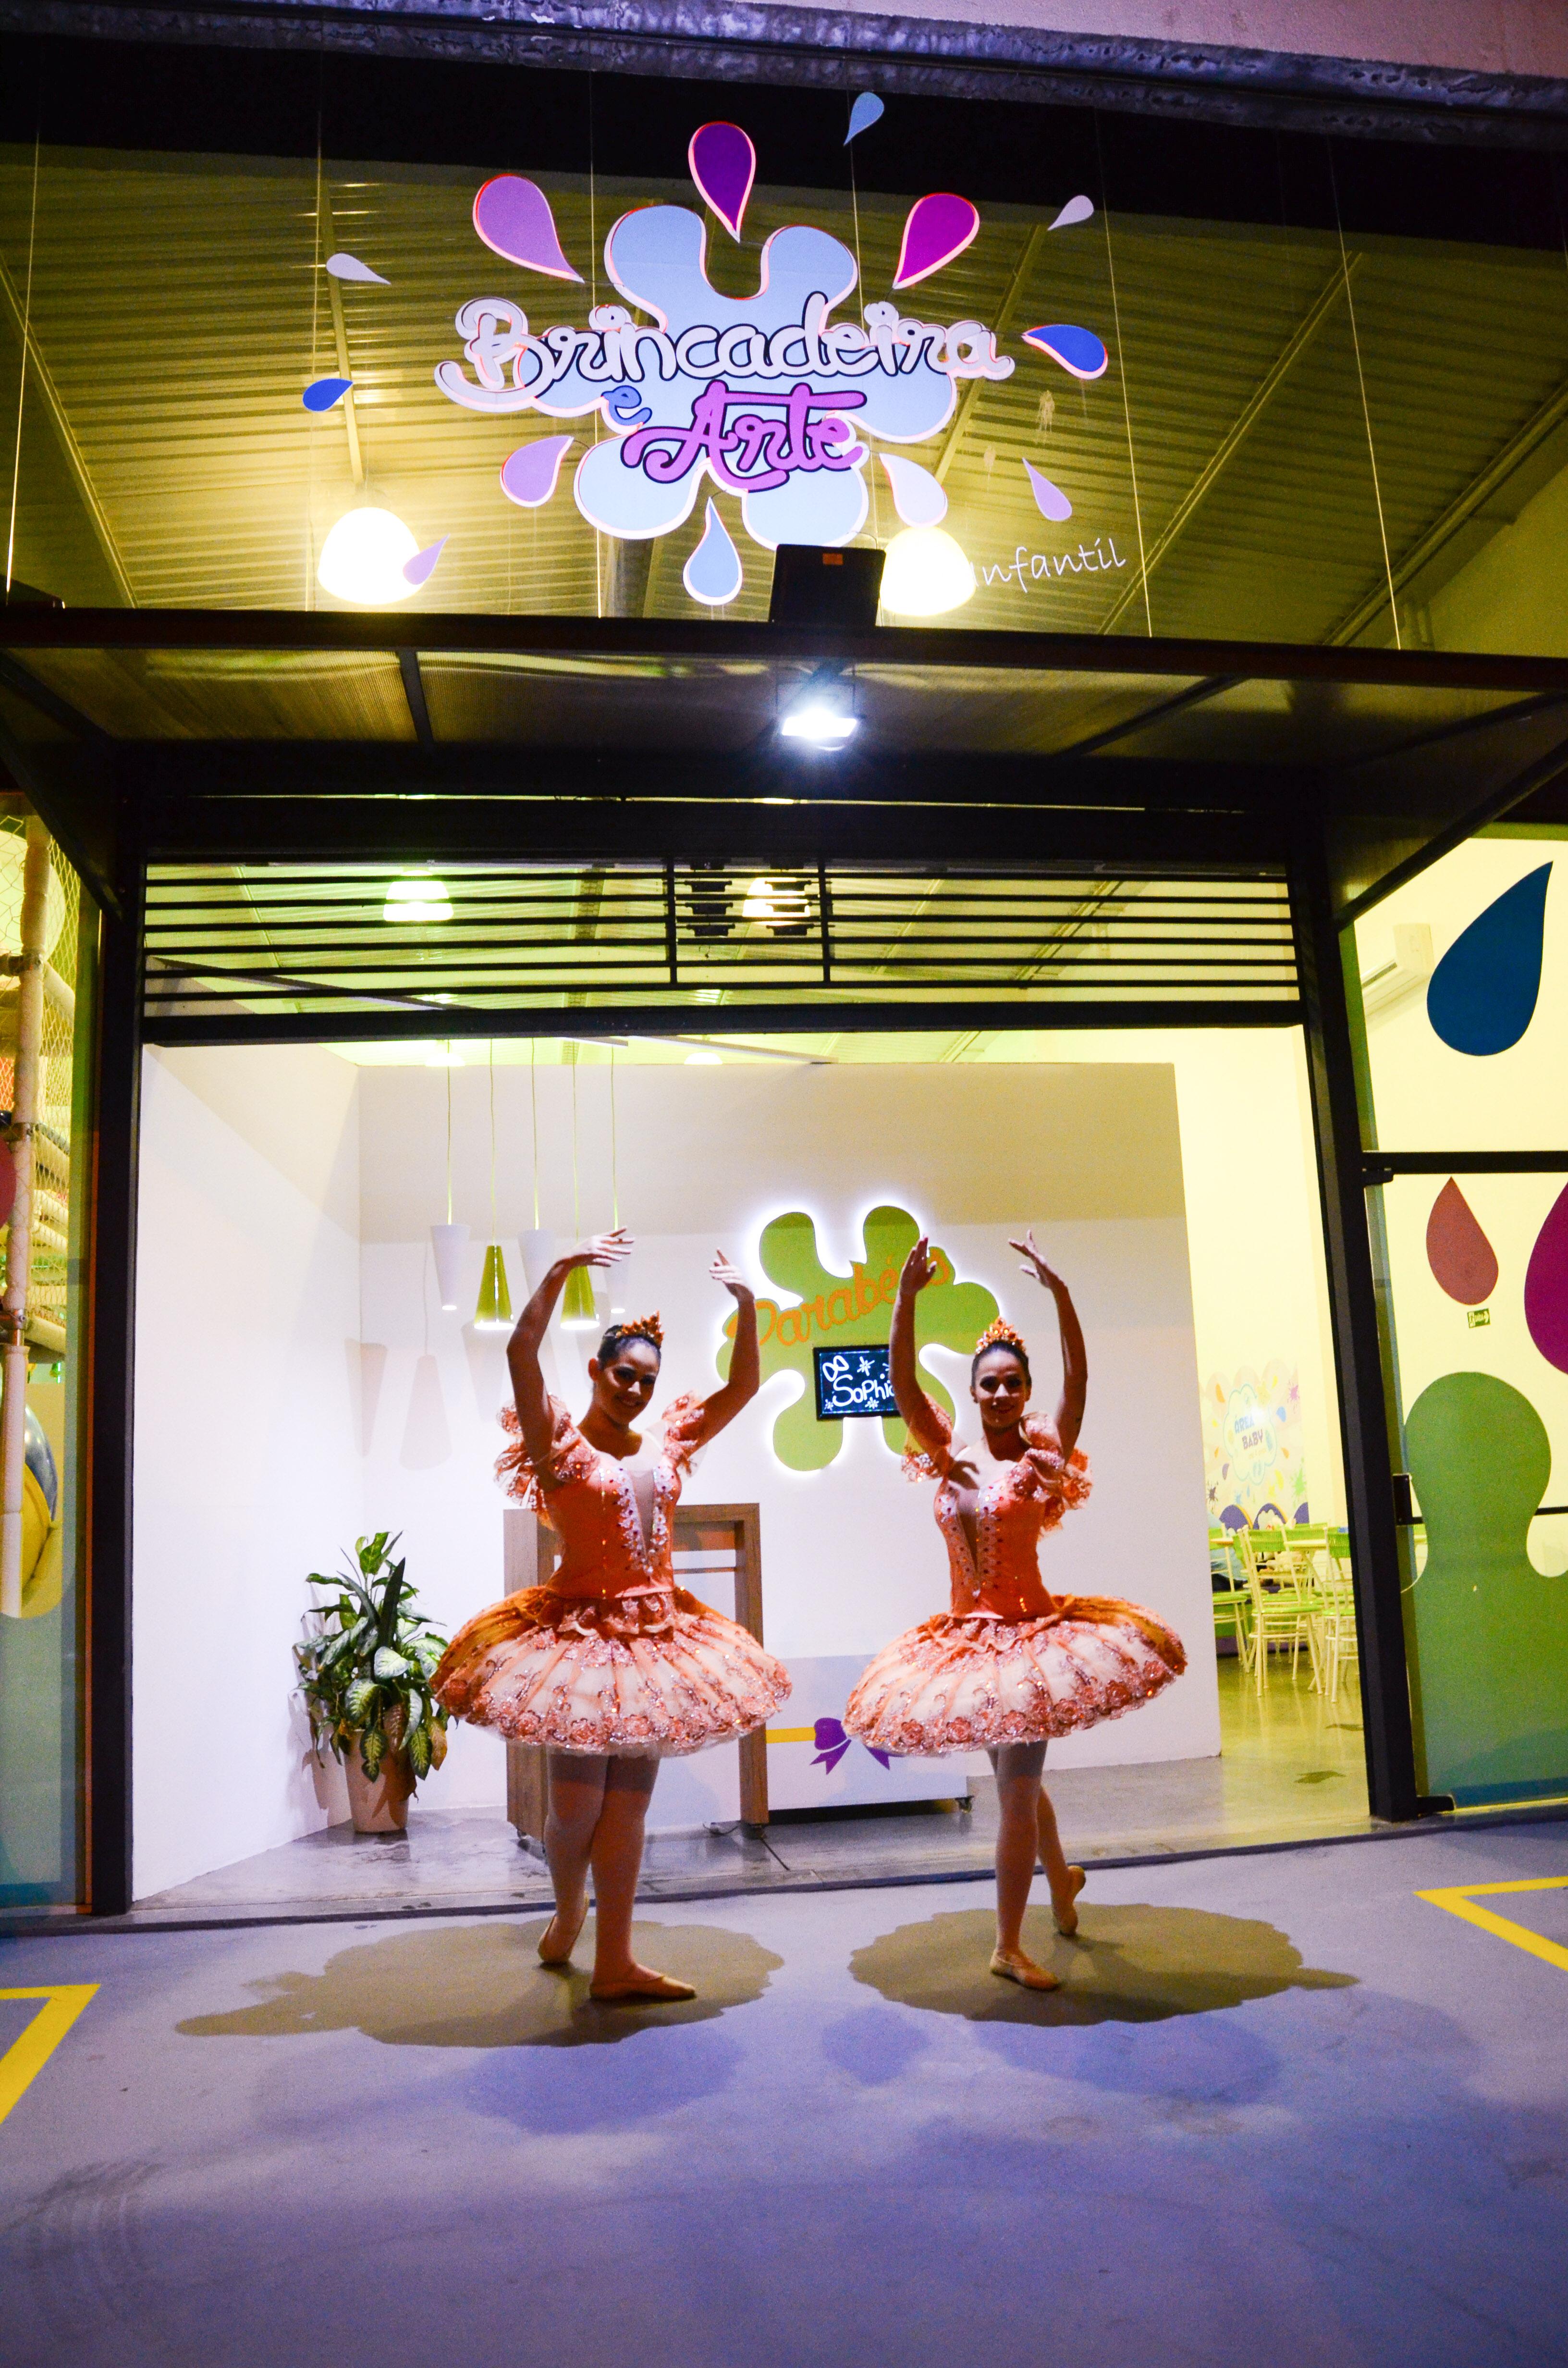 Marvelous Buffet Infantil Sorocaba Brincadeira E Arte Home Interior And Landscaping Ologienasavecom